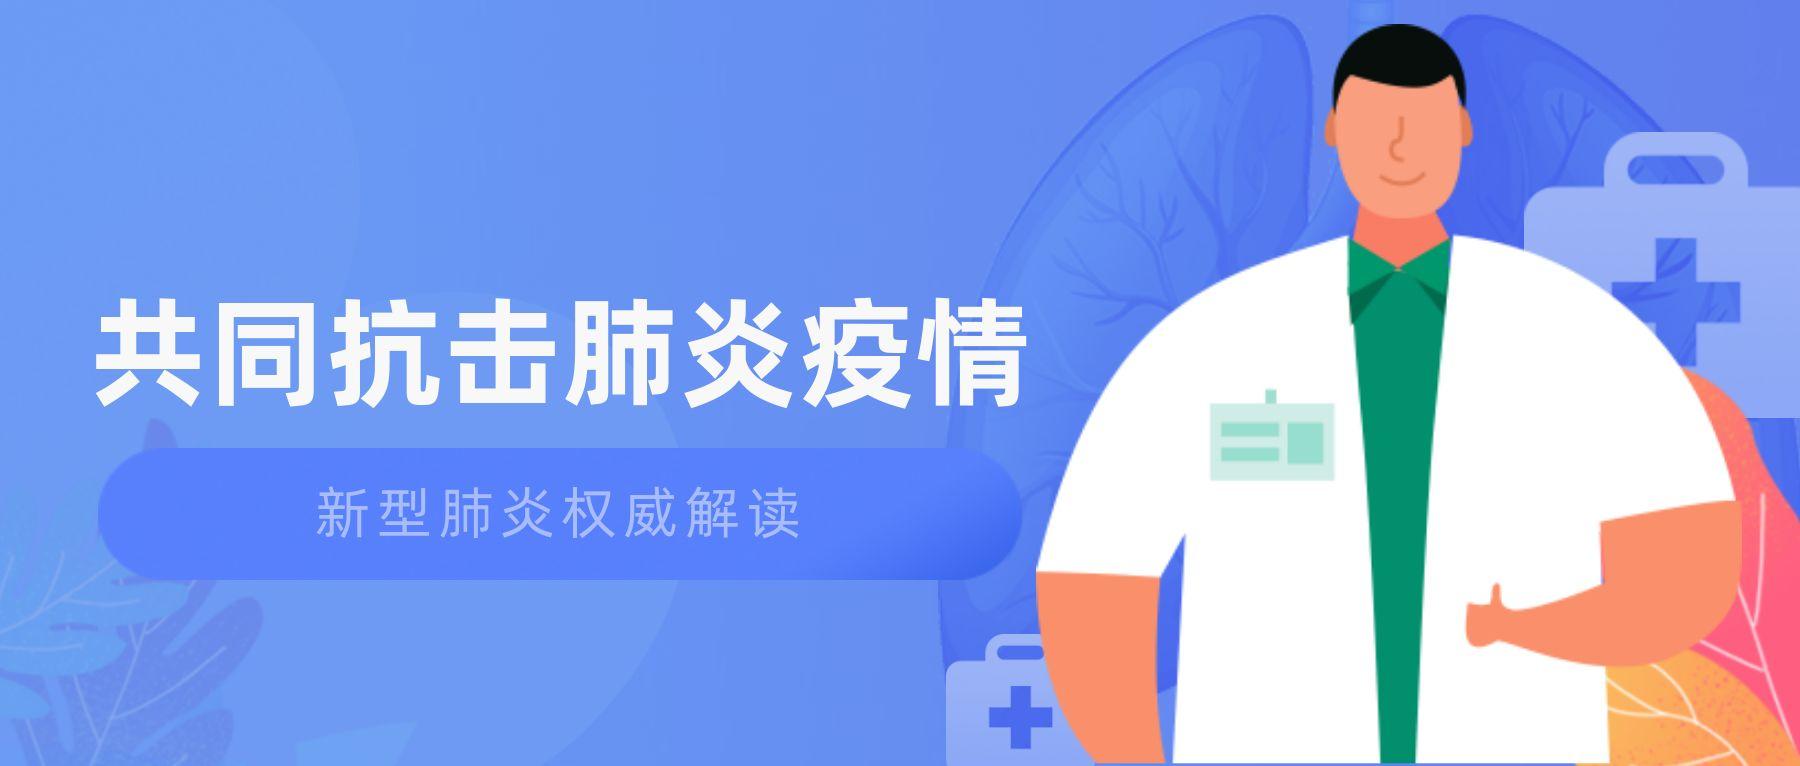 蓝色扁平化新型冠状病毒肺炎疫情公众号首页